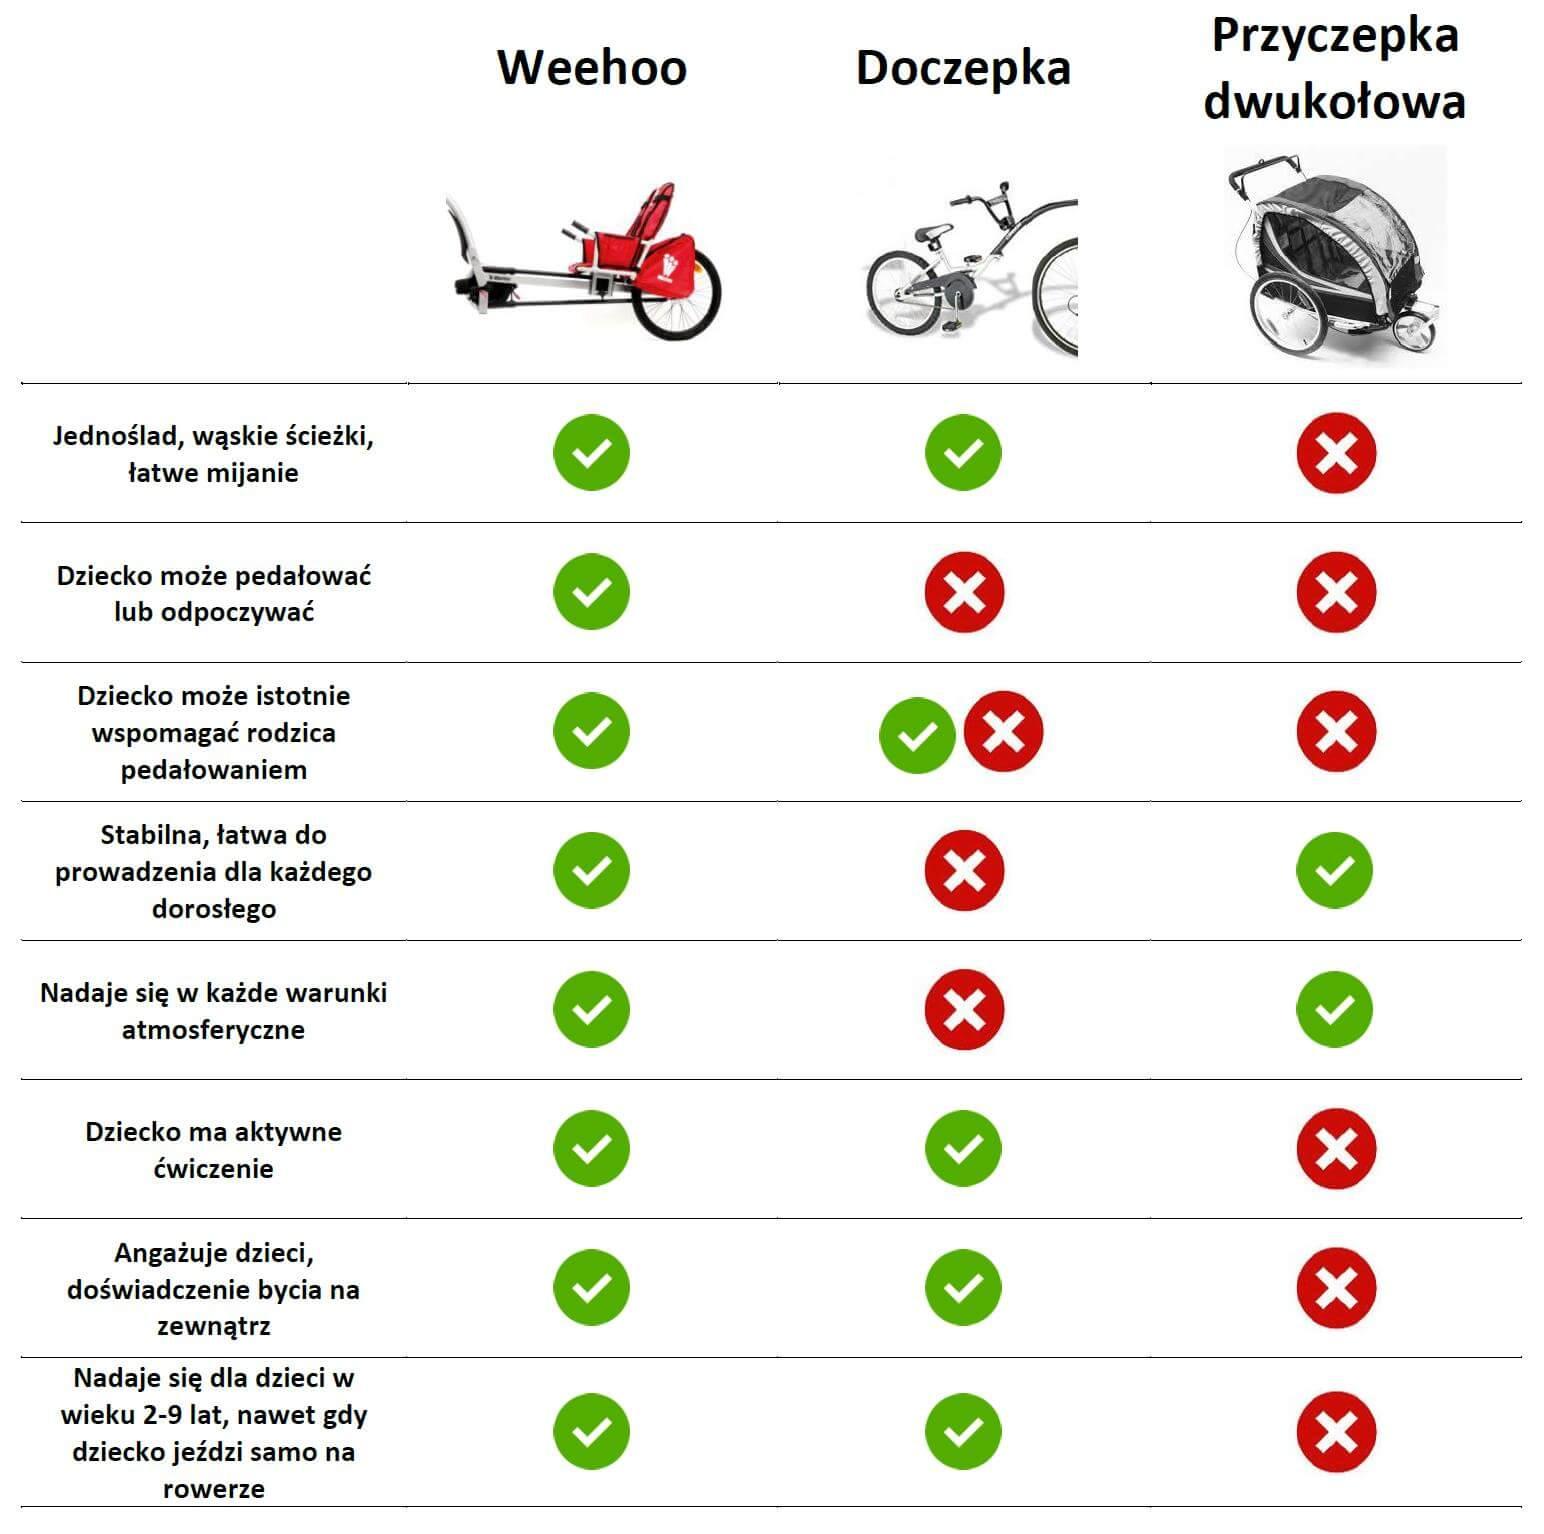 porównanie przyczepek rowerowych